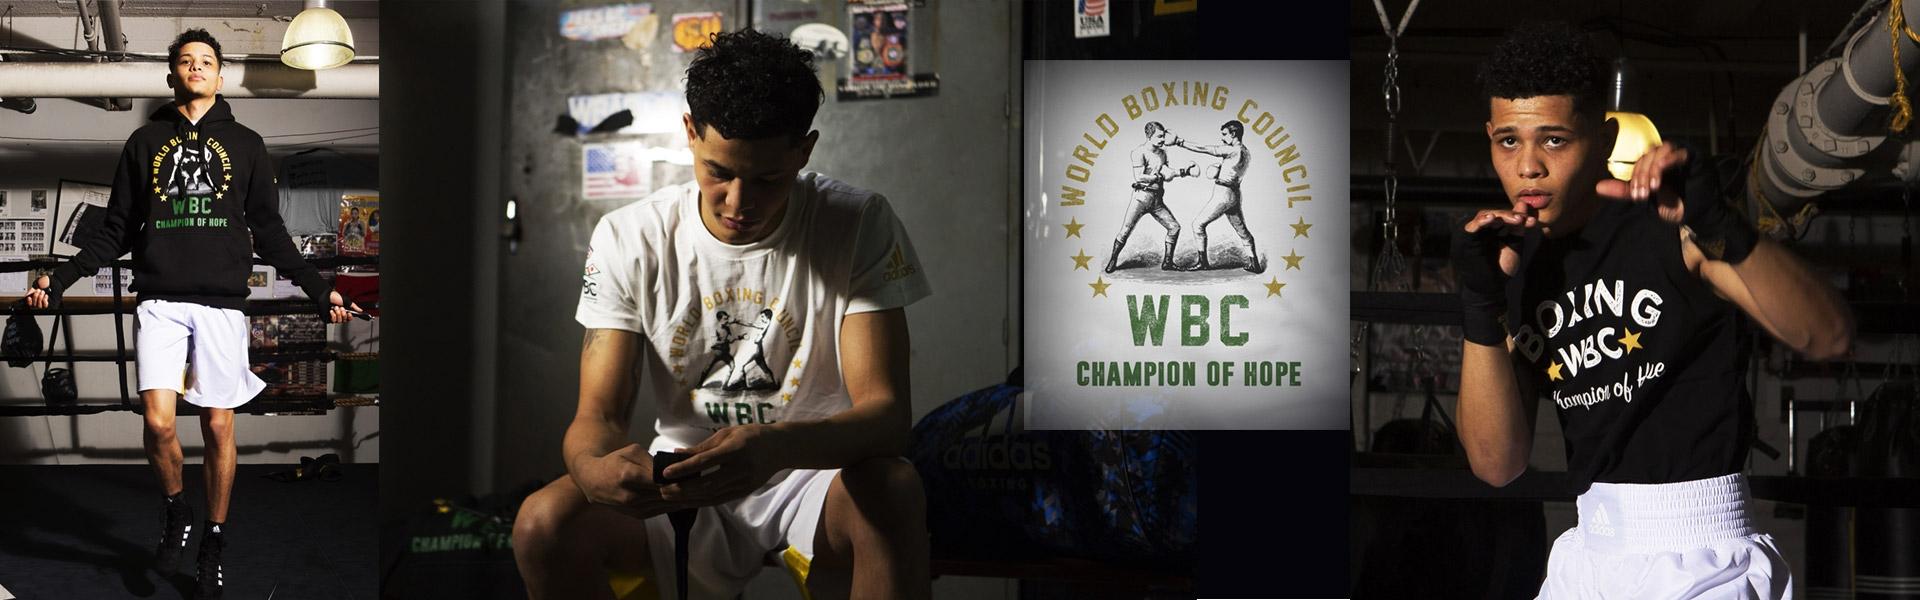 WBC Kollektion